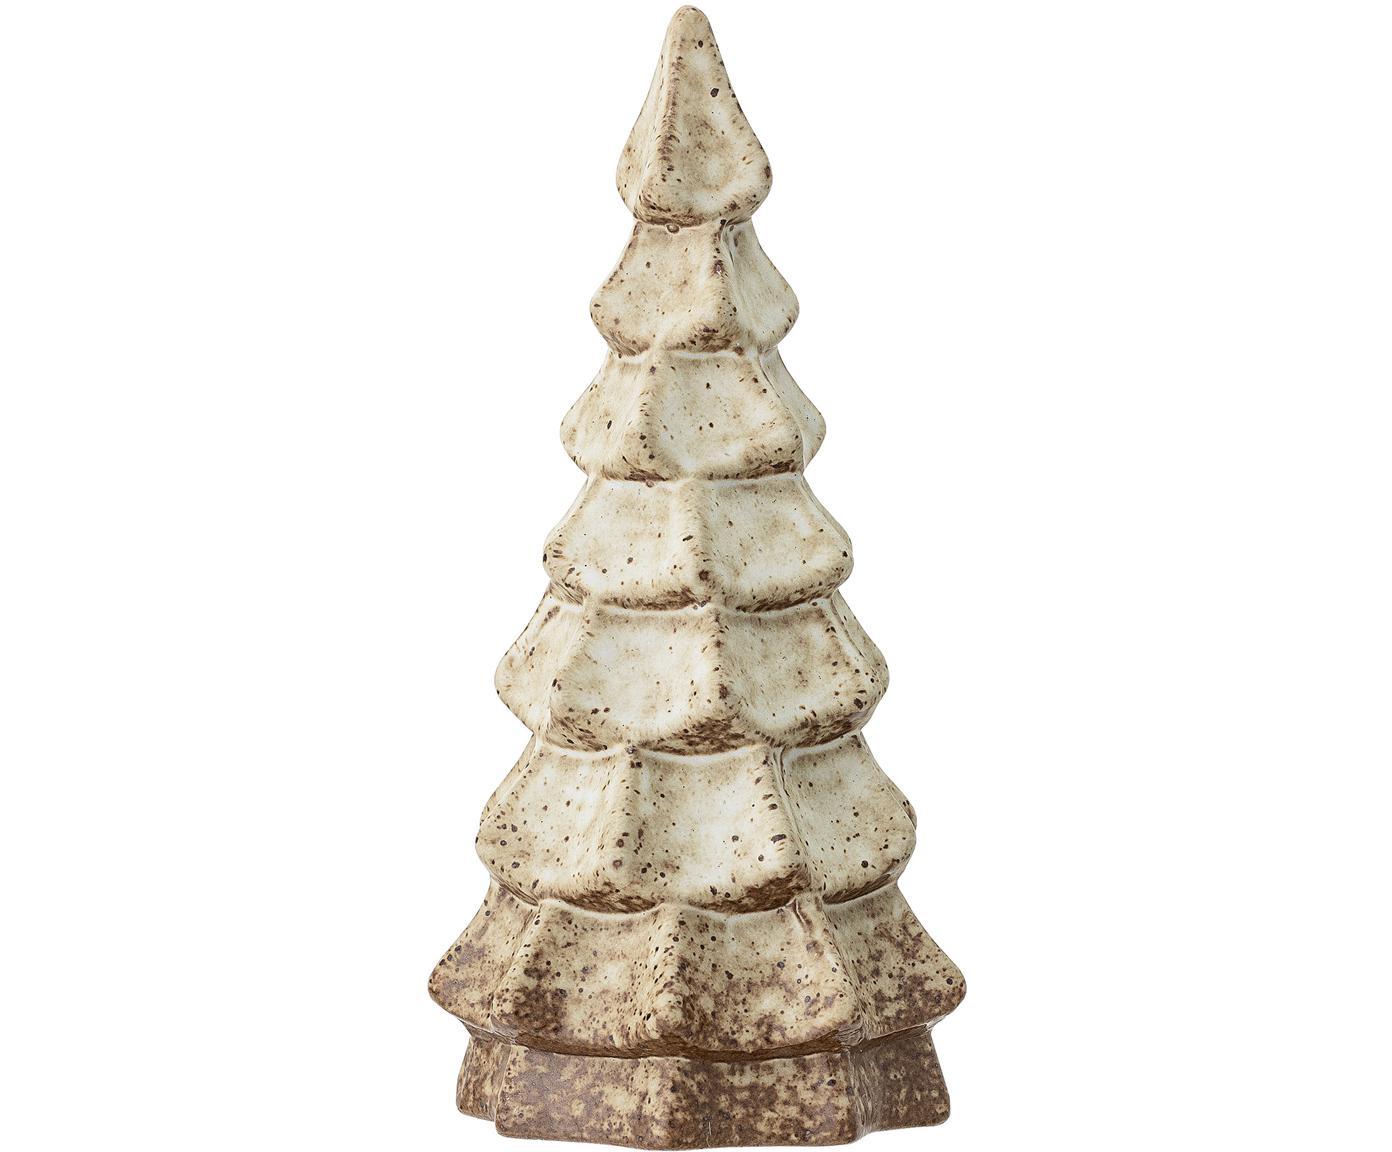 Handgefertigtes Deko-Objekt Tree, Steingut, Braun, Beige, Ø 10 x H 22 cm